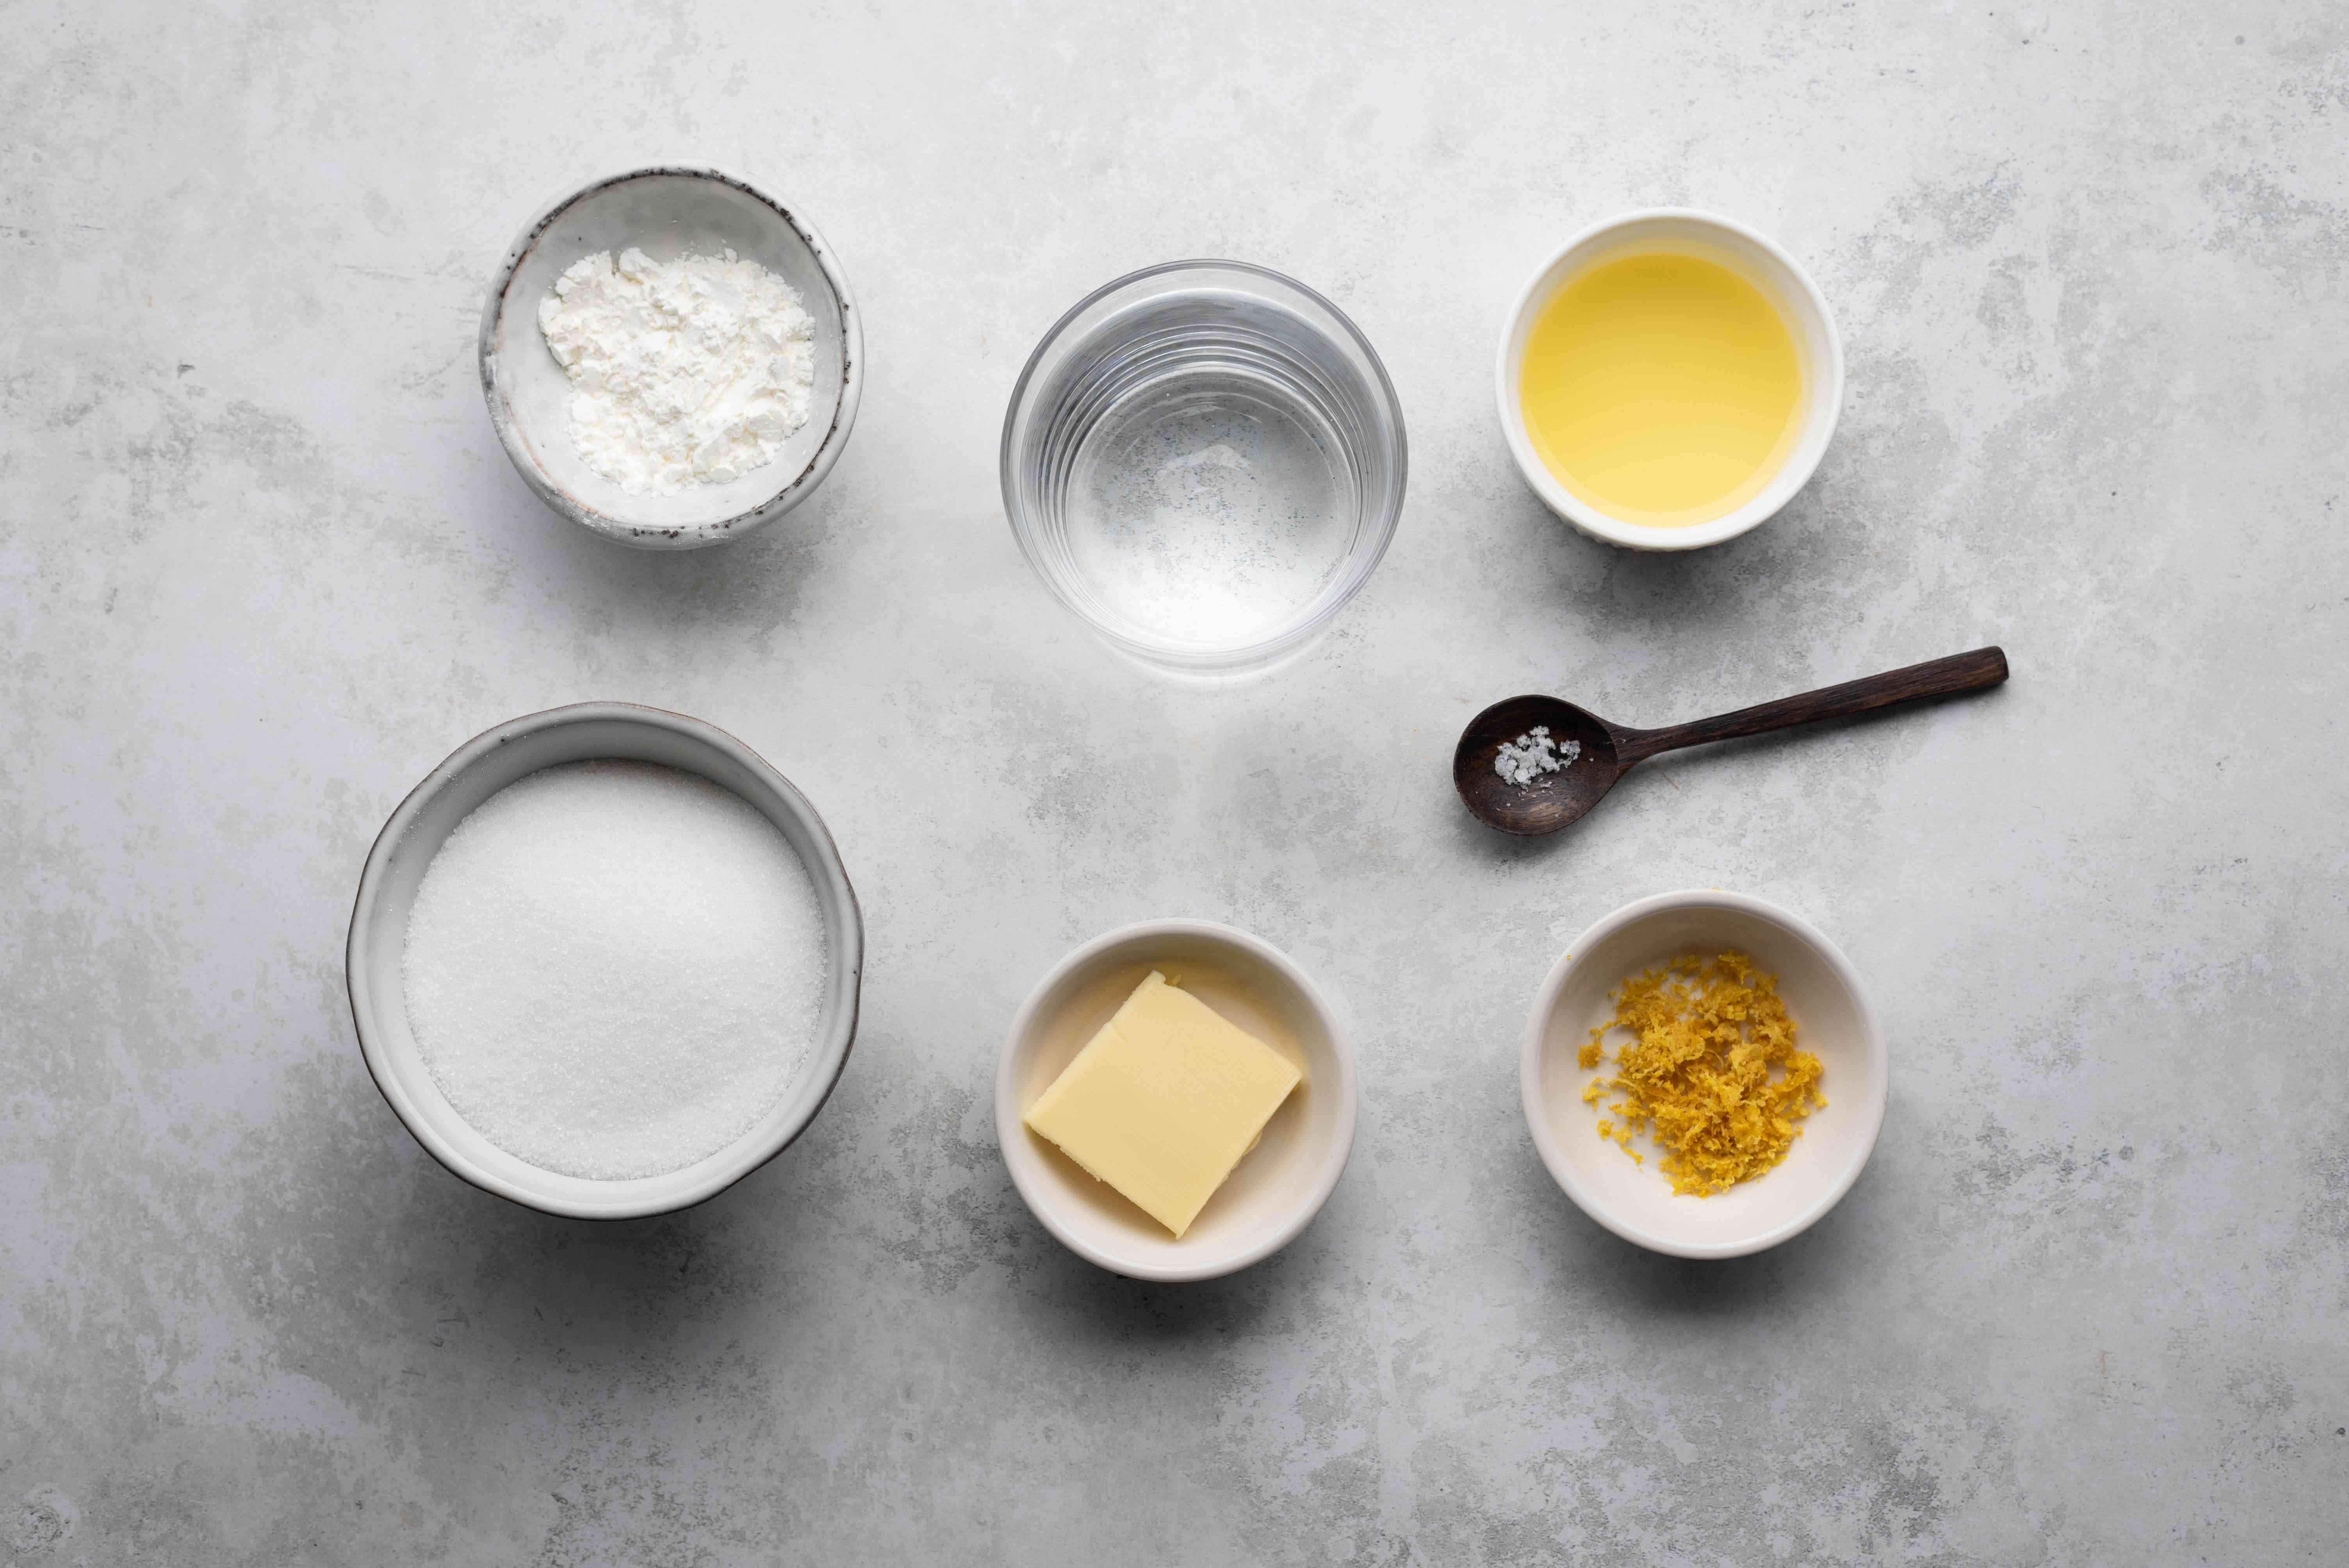 lemon sauce ingredients